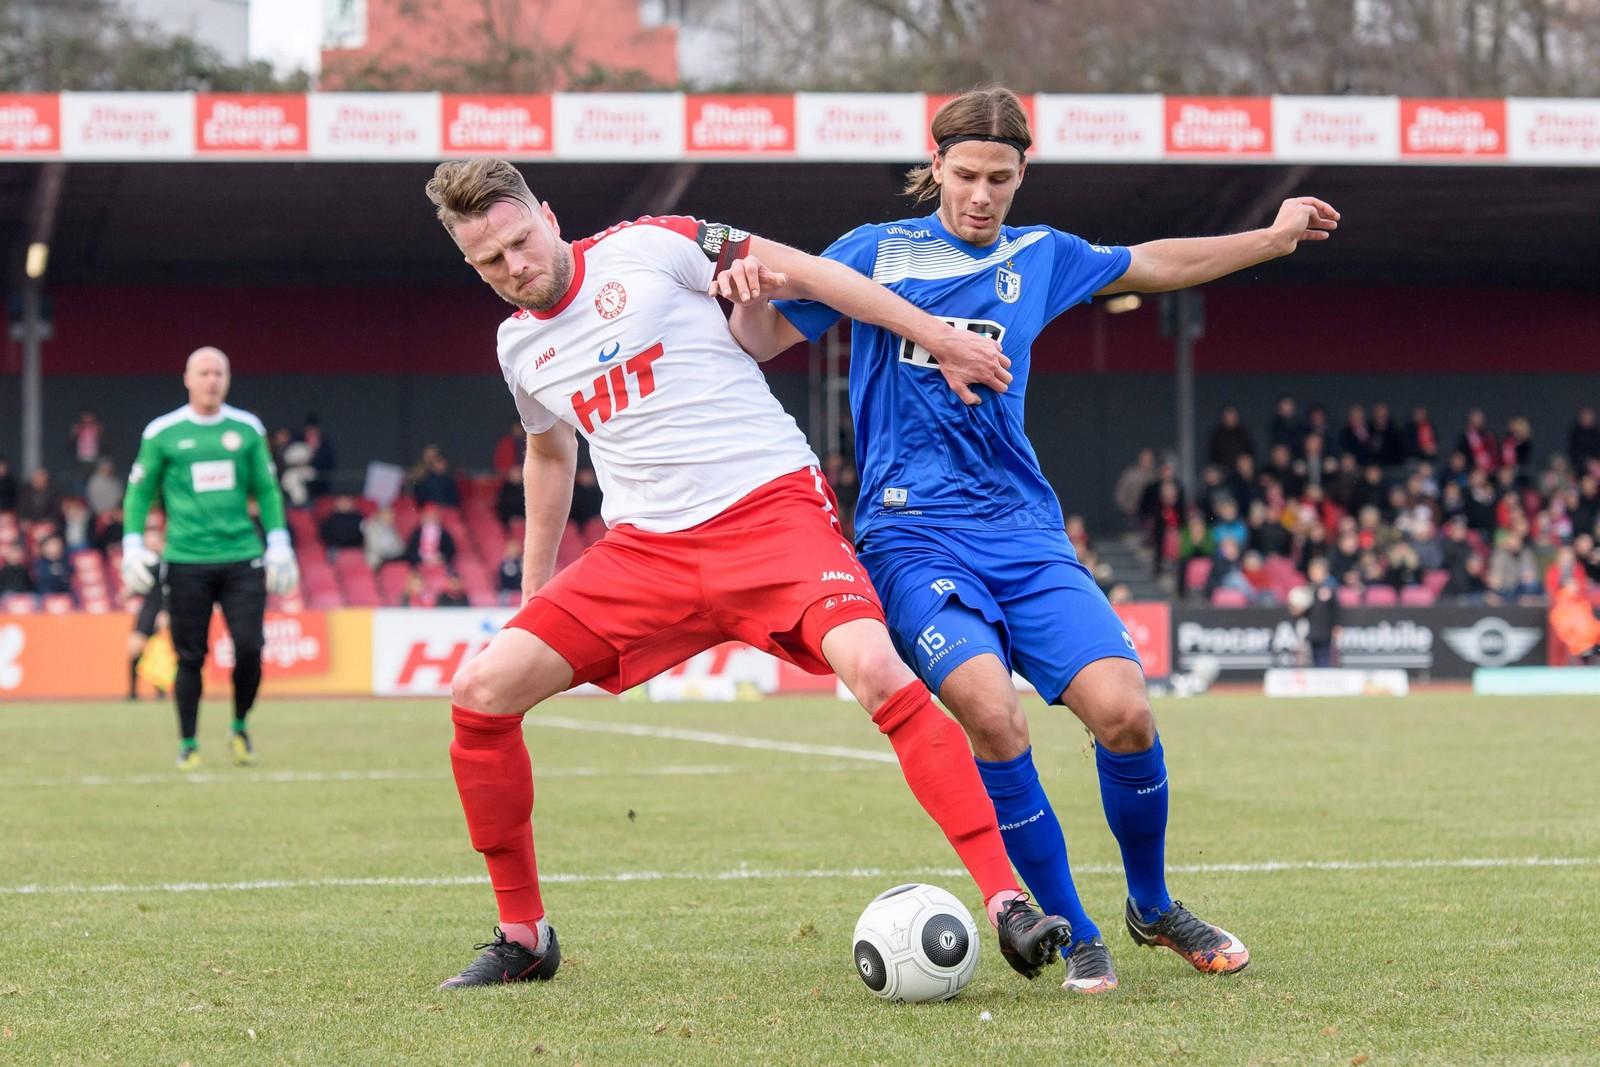 Tobias Schwede im Duell mit Kölns Daniel Flottmann. Jetzt auf Fortuna Köln vs Magdeburg wetten!